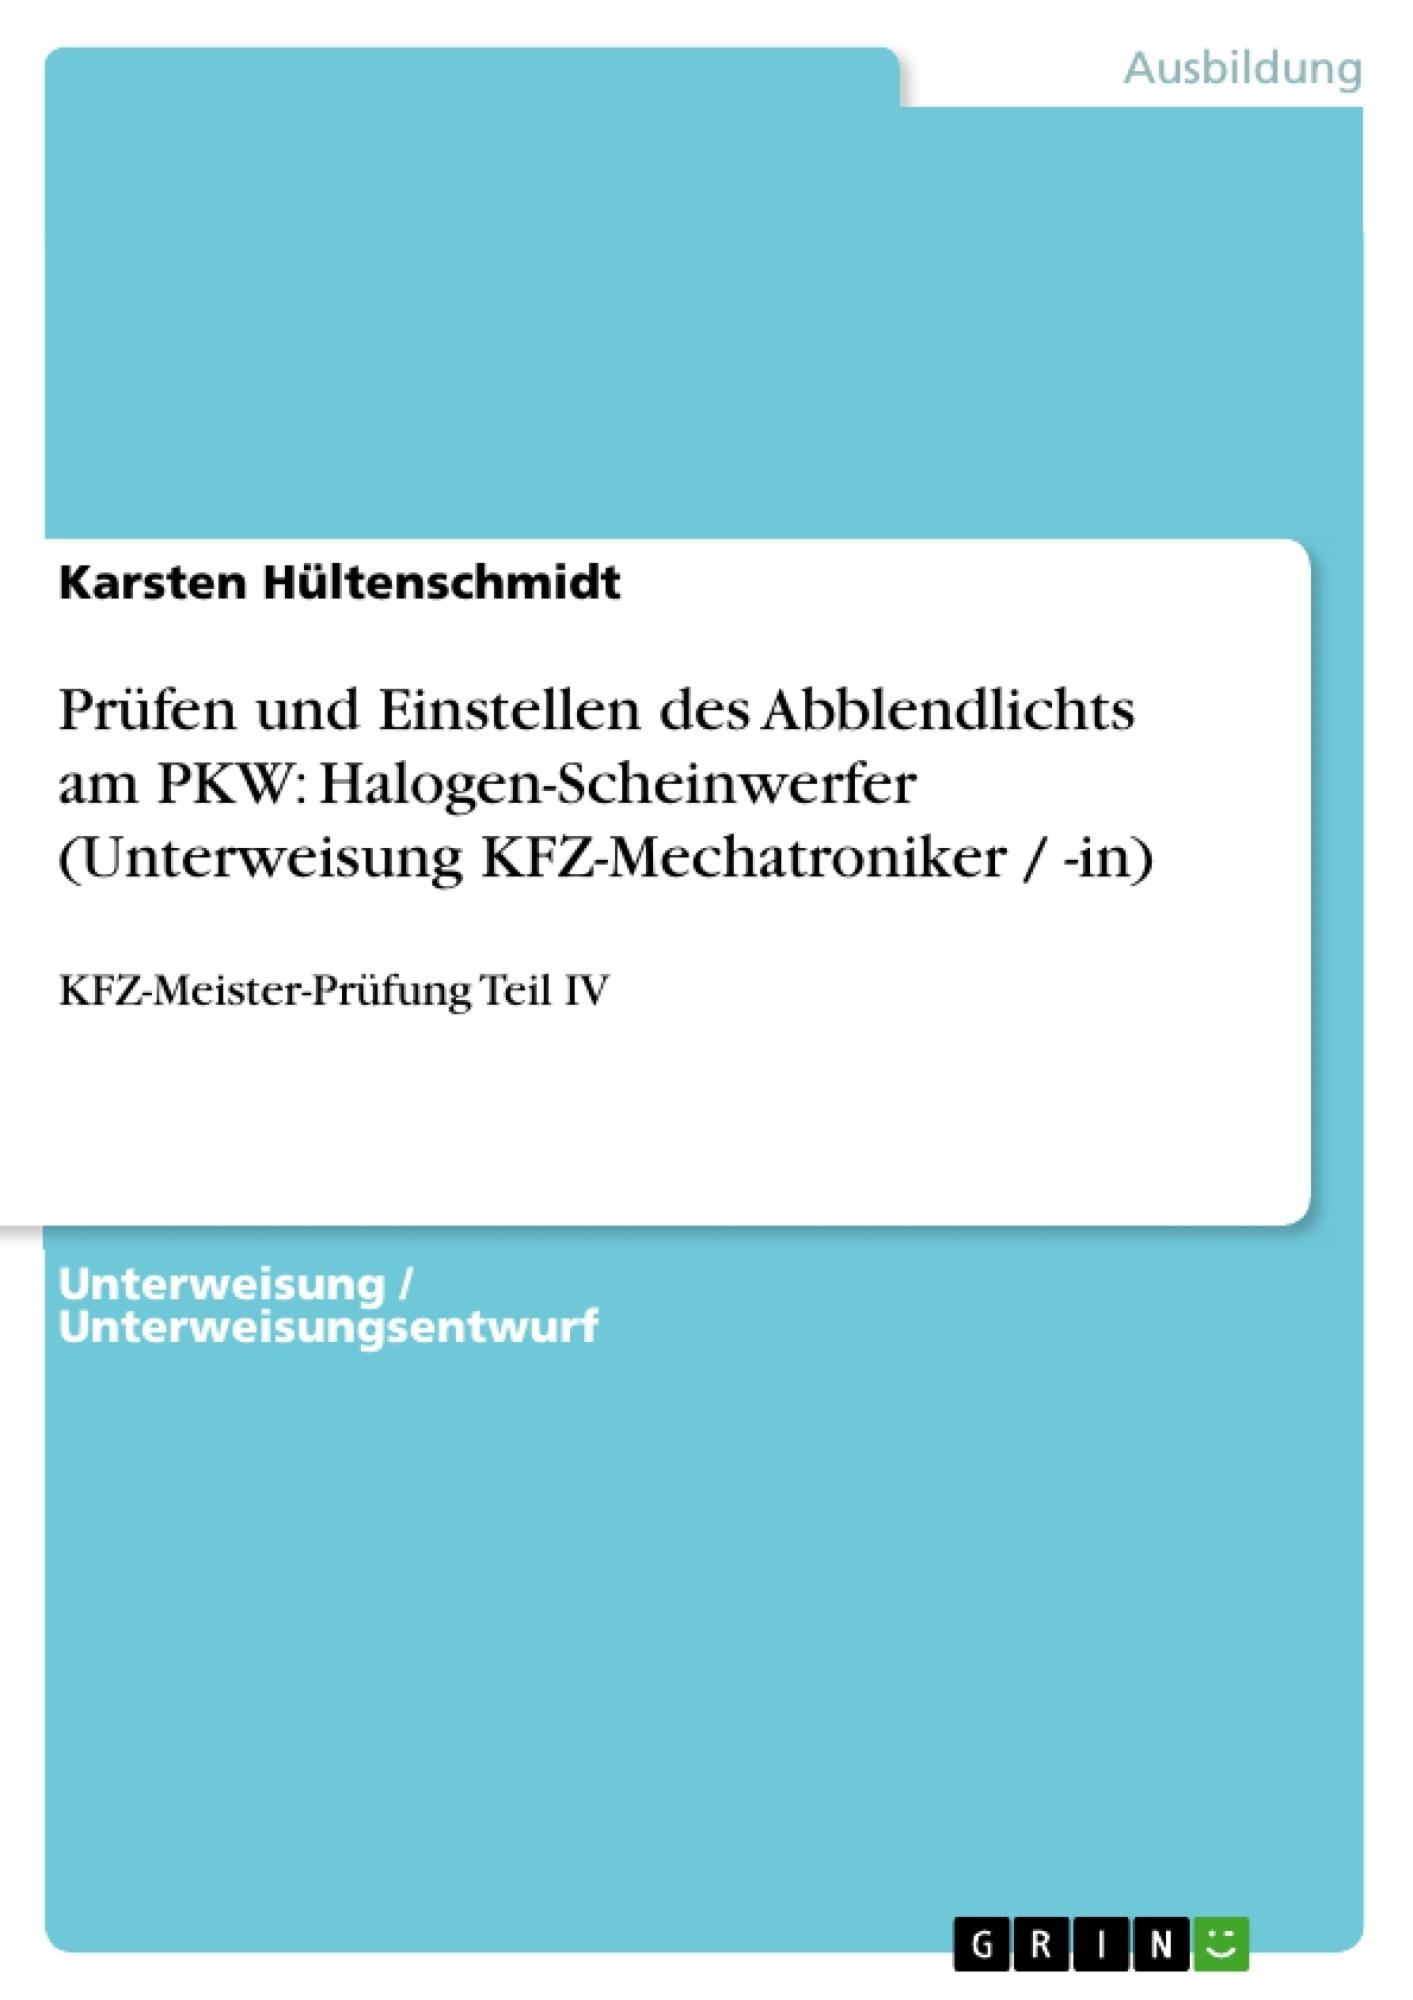 Titel: Prüfen und Einstellen des Abblendlichts am PKW: Halogen-Scheinwerfer (Unterweisung KFZ-Mechatroniker / -in)